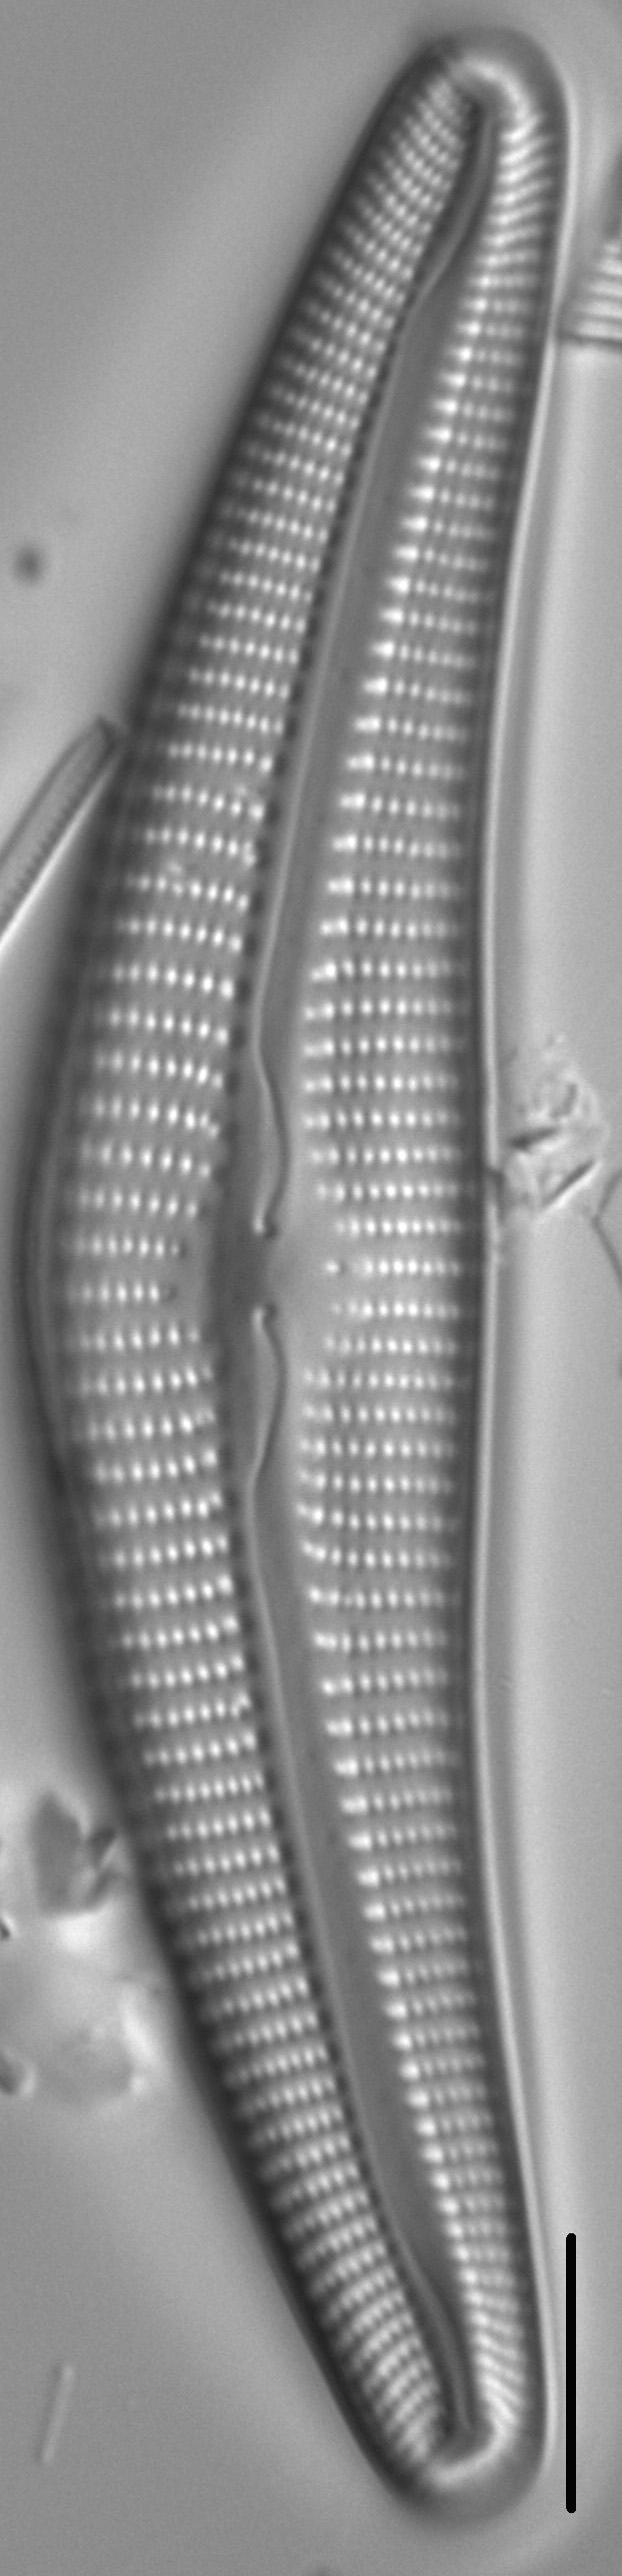 Cymbella Cymbiformis 439301 2